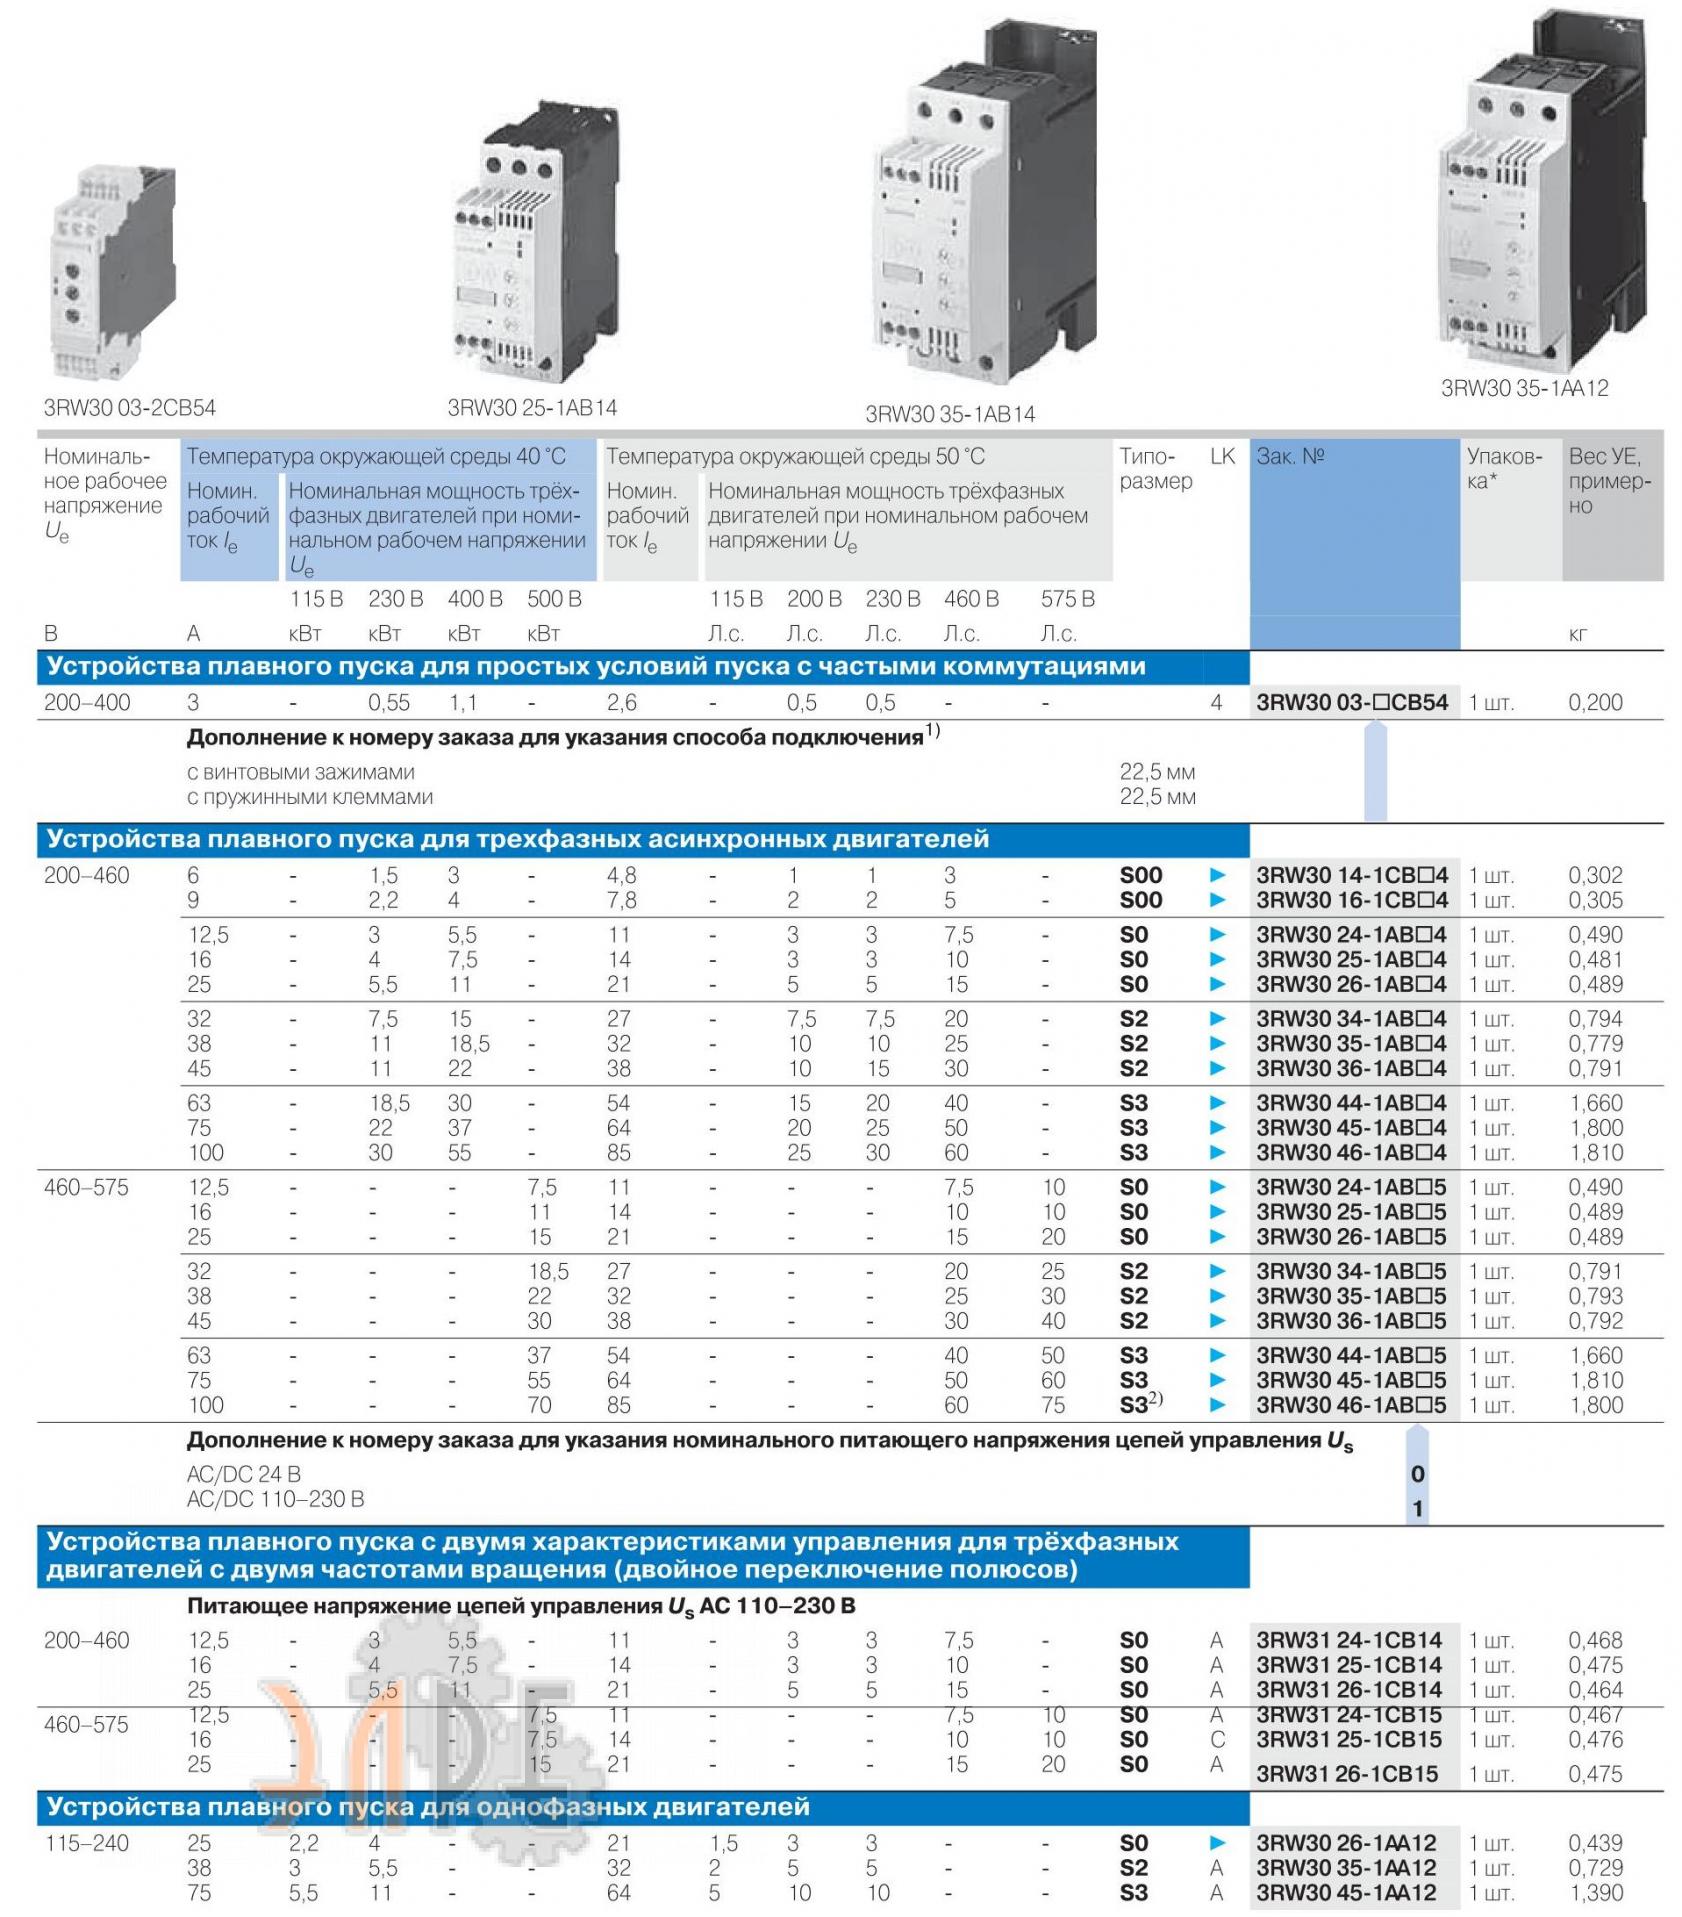 Варианты исполнения и применения Siemens Sirius 3RW30